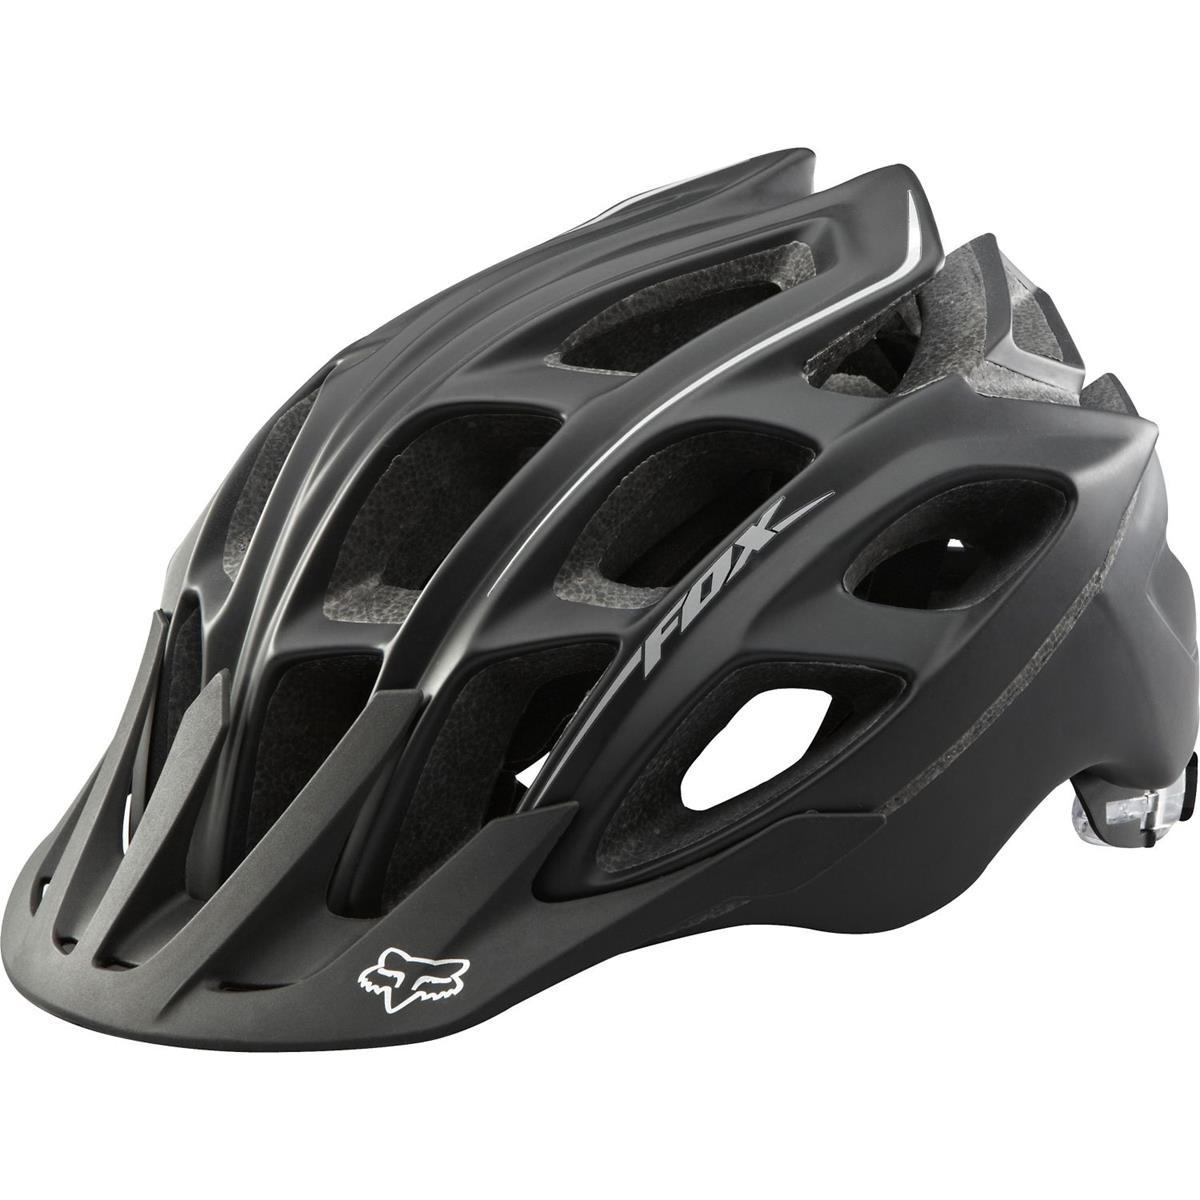 Erwachsener Fahrradhelm schwarz mp3